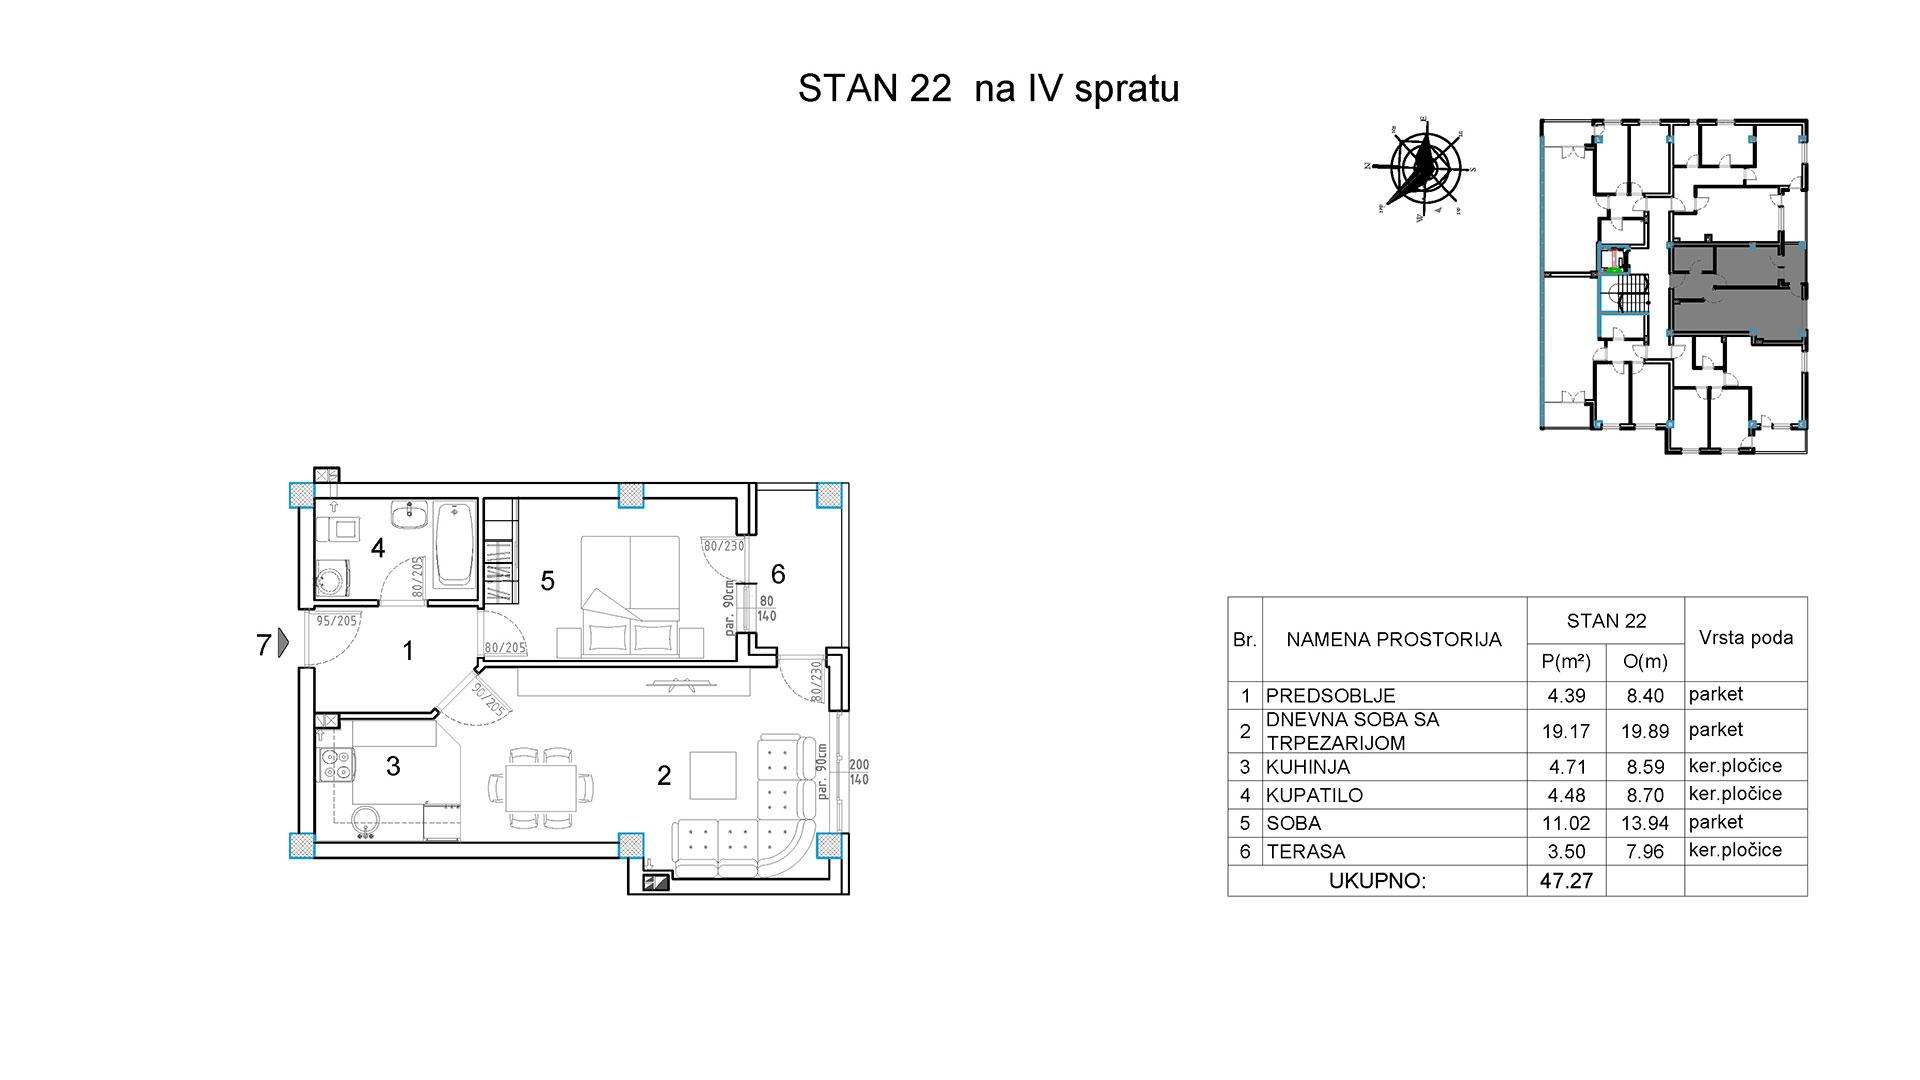 Objekat u Borivoja Stevanovica bb - Stan 22